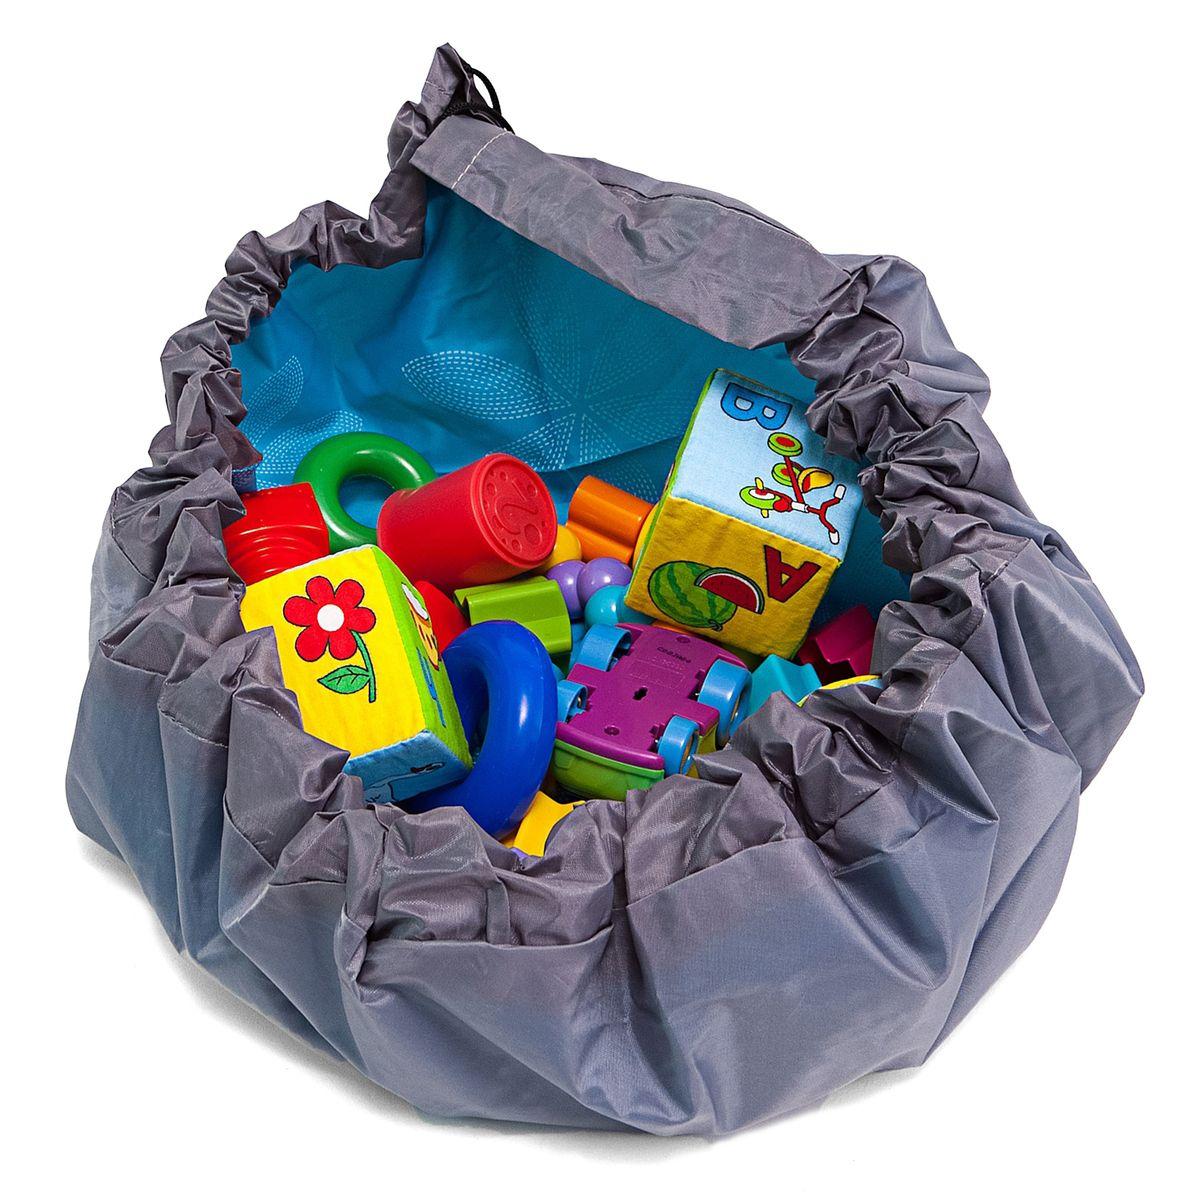 Сумка-коврик Homsu Лужайка, цвет: голубой, 80х80 смR-103Сумка-коврик это оригинальный способ хранения и транспортировки детских игрушек. В разложенном состоянии - это поле для игры, а когда нужно собрать игрушки, он затягивается на шнурок и превращается в удобную сумку. Выполнен из прочного, но мягкого канваса. Размер изделия: 80х80см